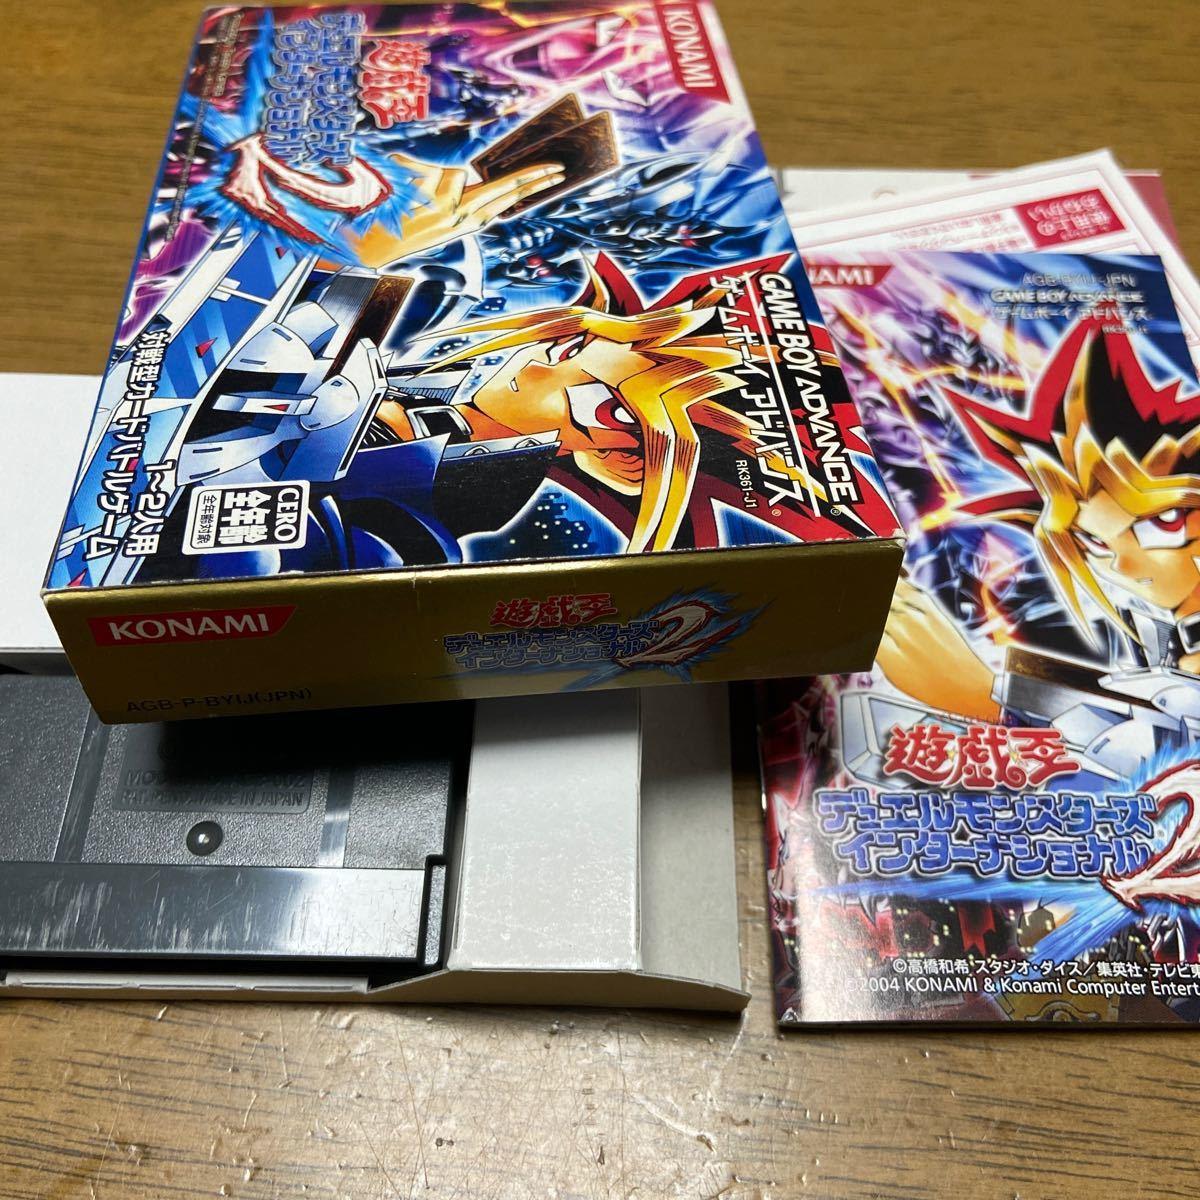 ゲームボーイアドバンス 遊戯王 デュエルモンスターズ インターナショナル2 KONAMI 対戦型カードバトルゲーム